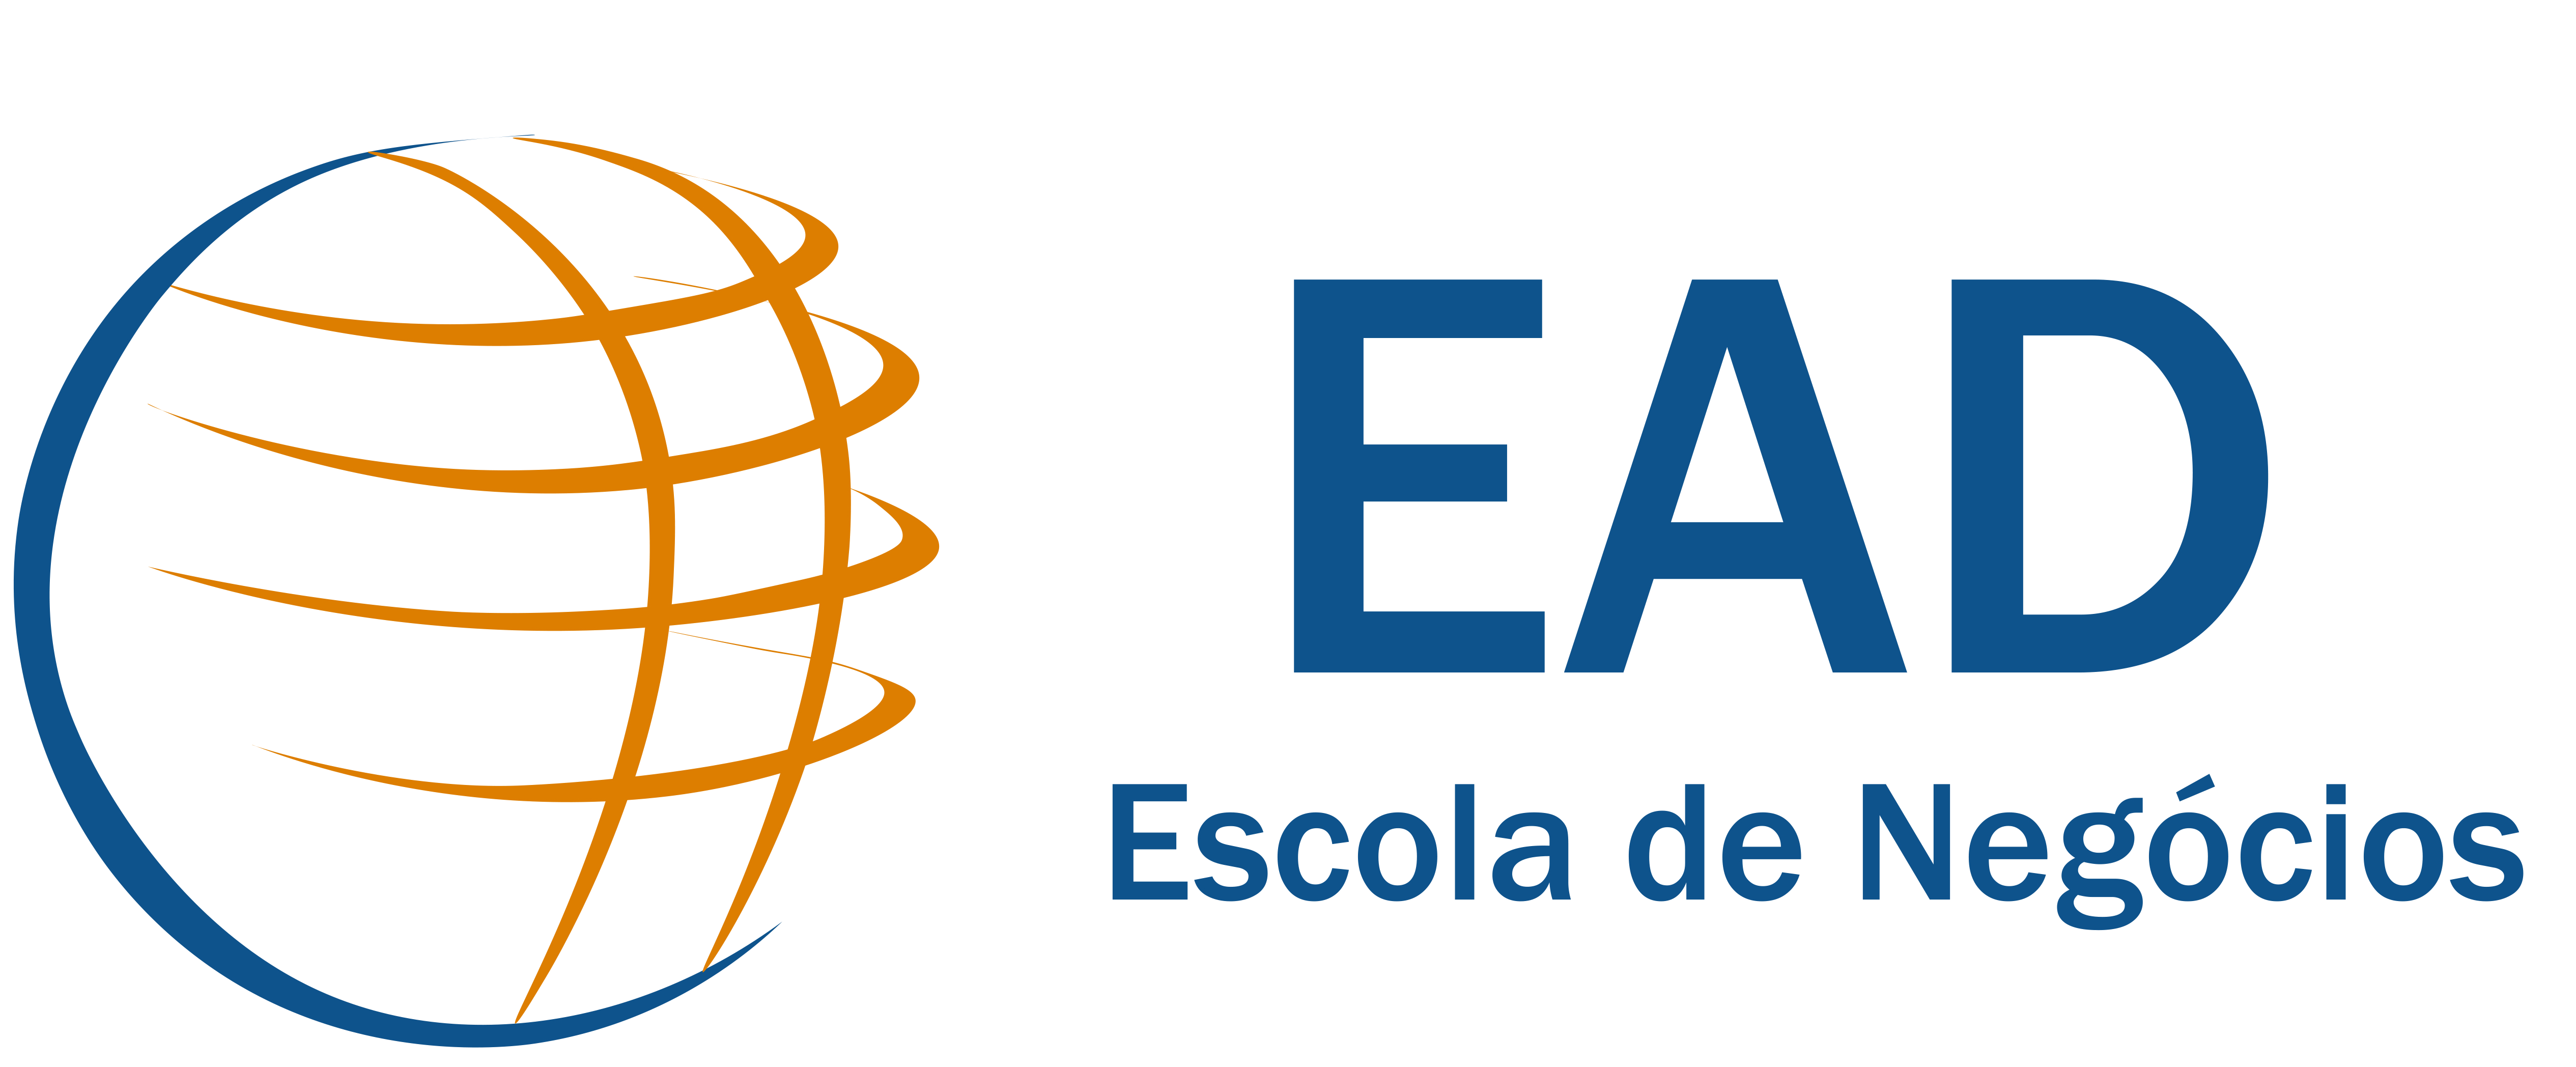 EAD Escola de Negócios